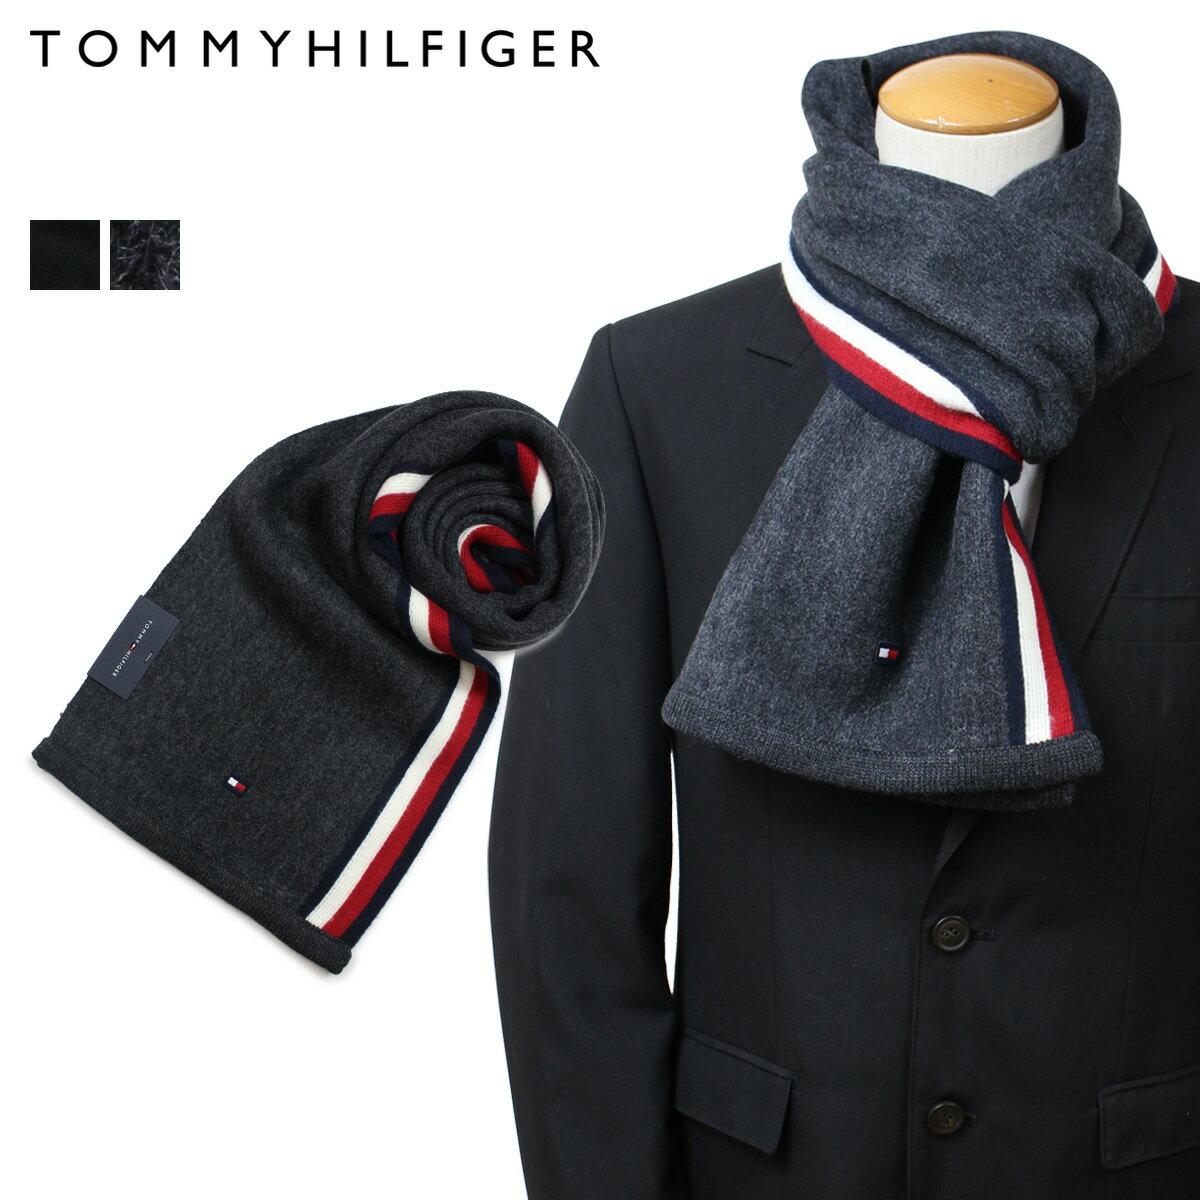 トミーヒルフィガー マフラー TOMMY HILFIGER メンズ ブラック グレー H8C73607 TH-F17-0007